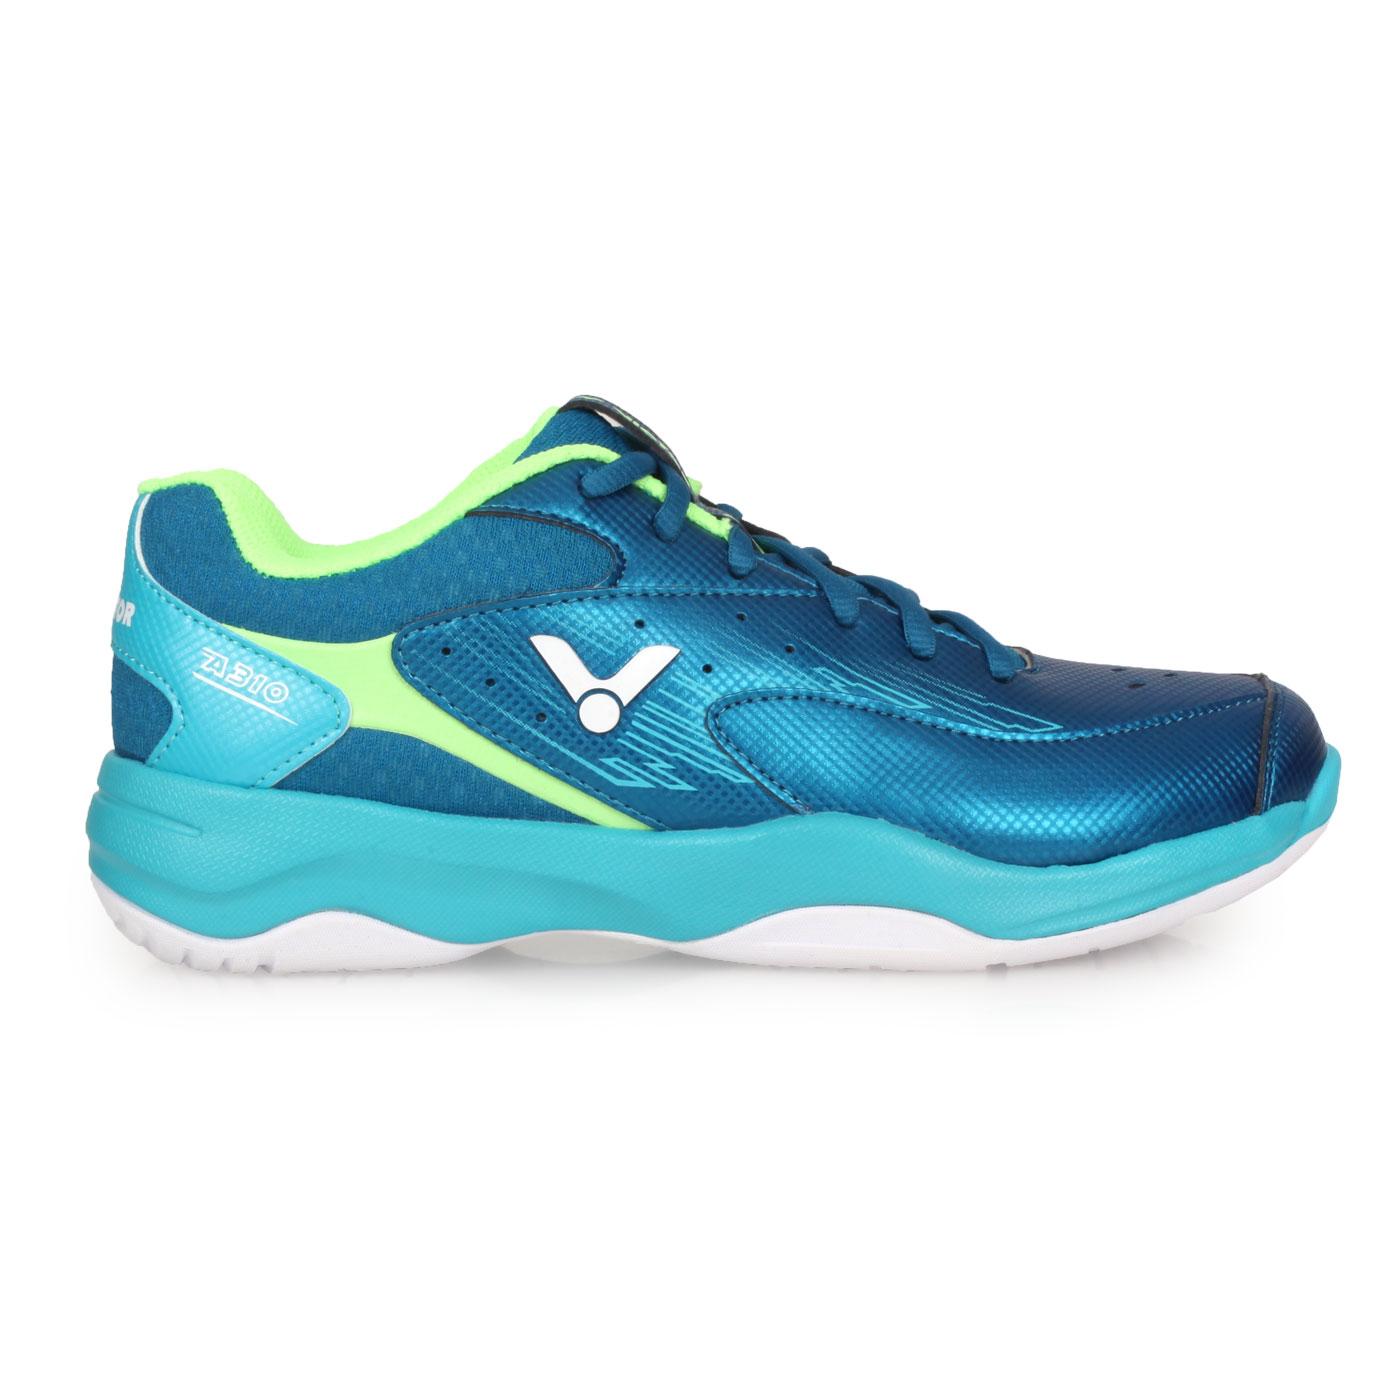 VICTOR 專業羽球鞋-3E A310-FU - 靛青碧藍綠